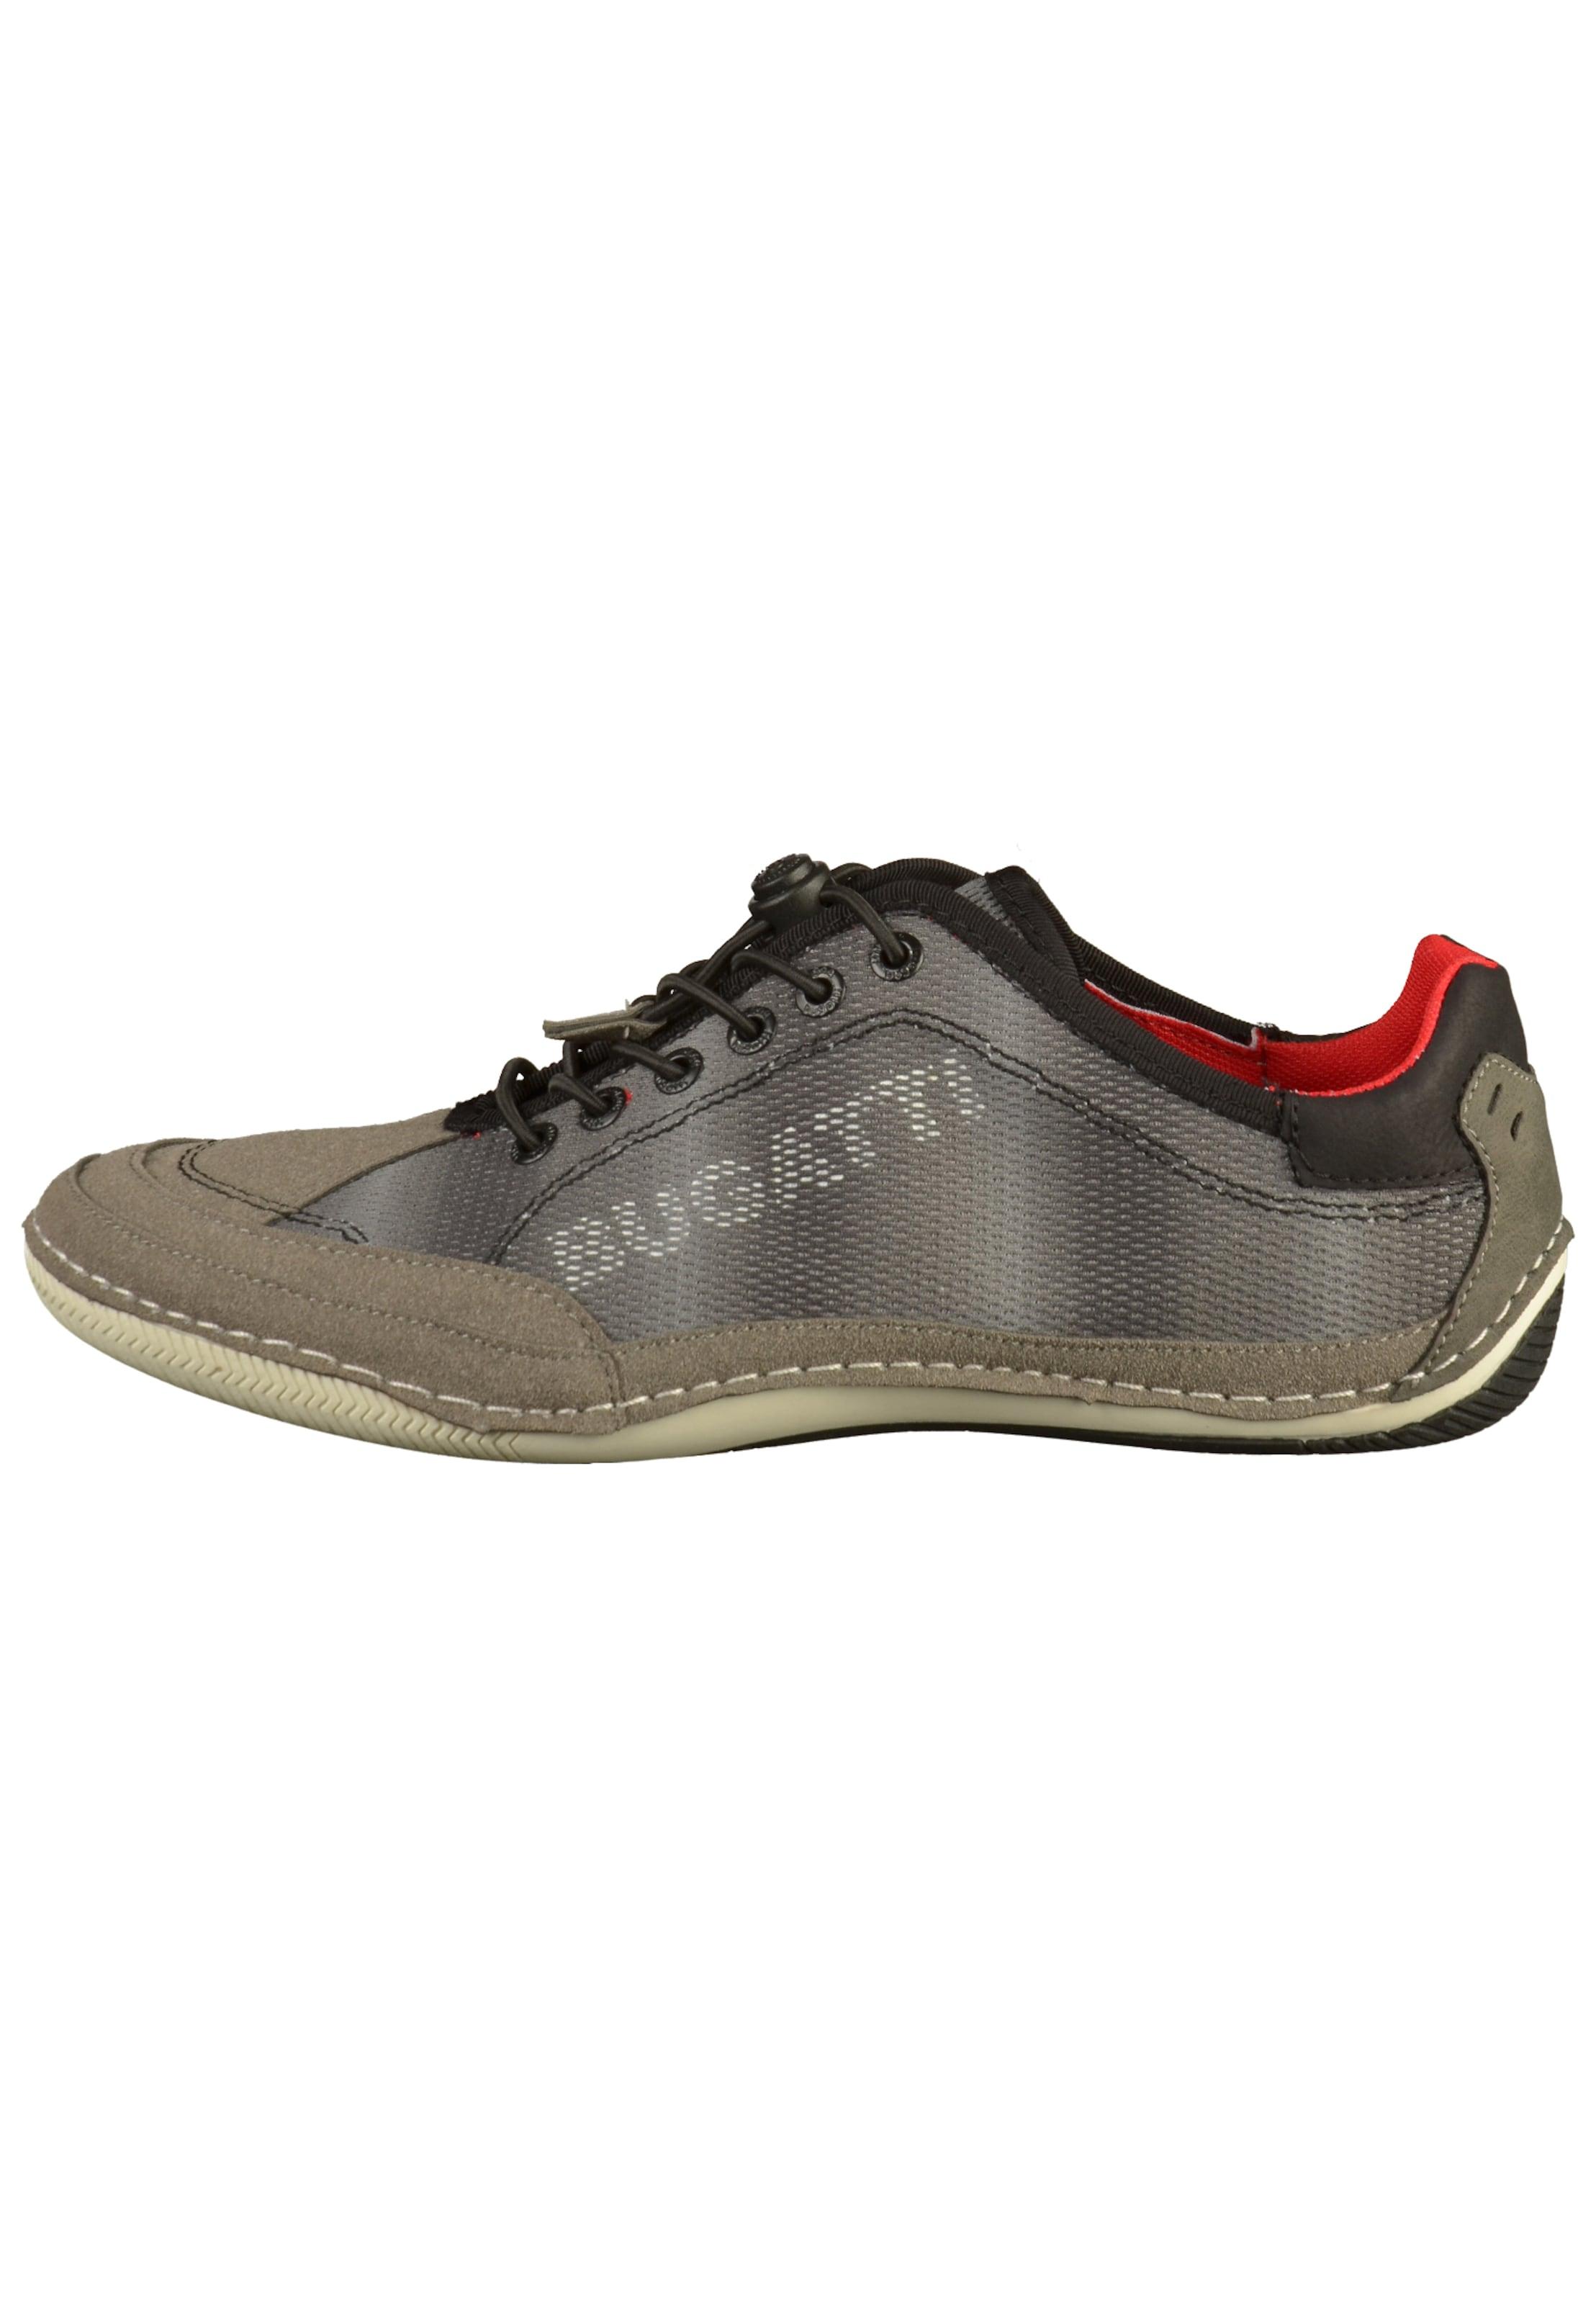 Sneaker Sneaker In Bugatti GrauDunkelgrau GrauDunkelgrau Bugatti Bugatti In b7vYf6Igy